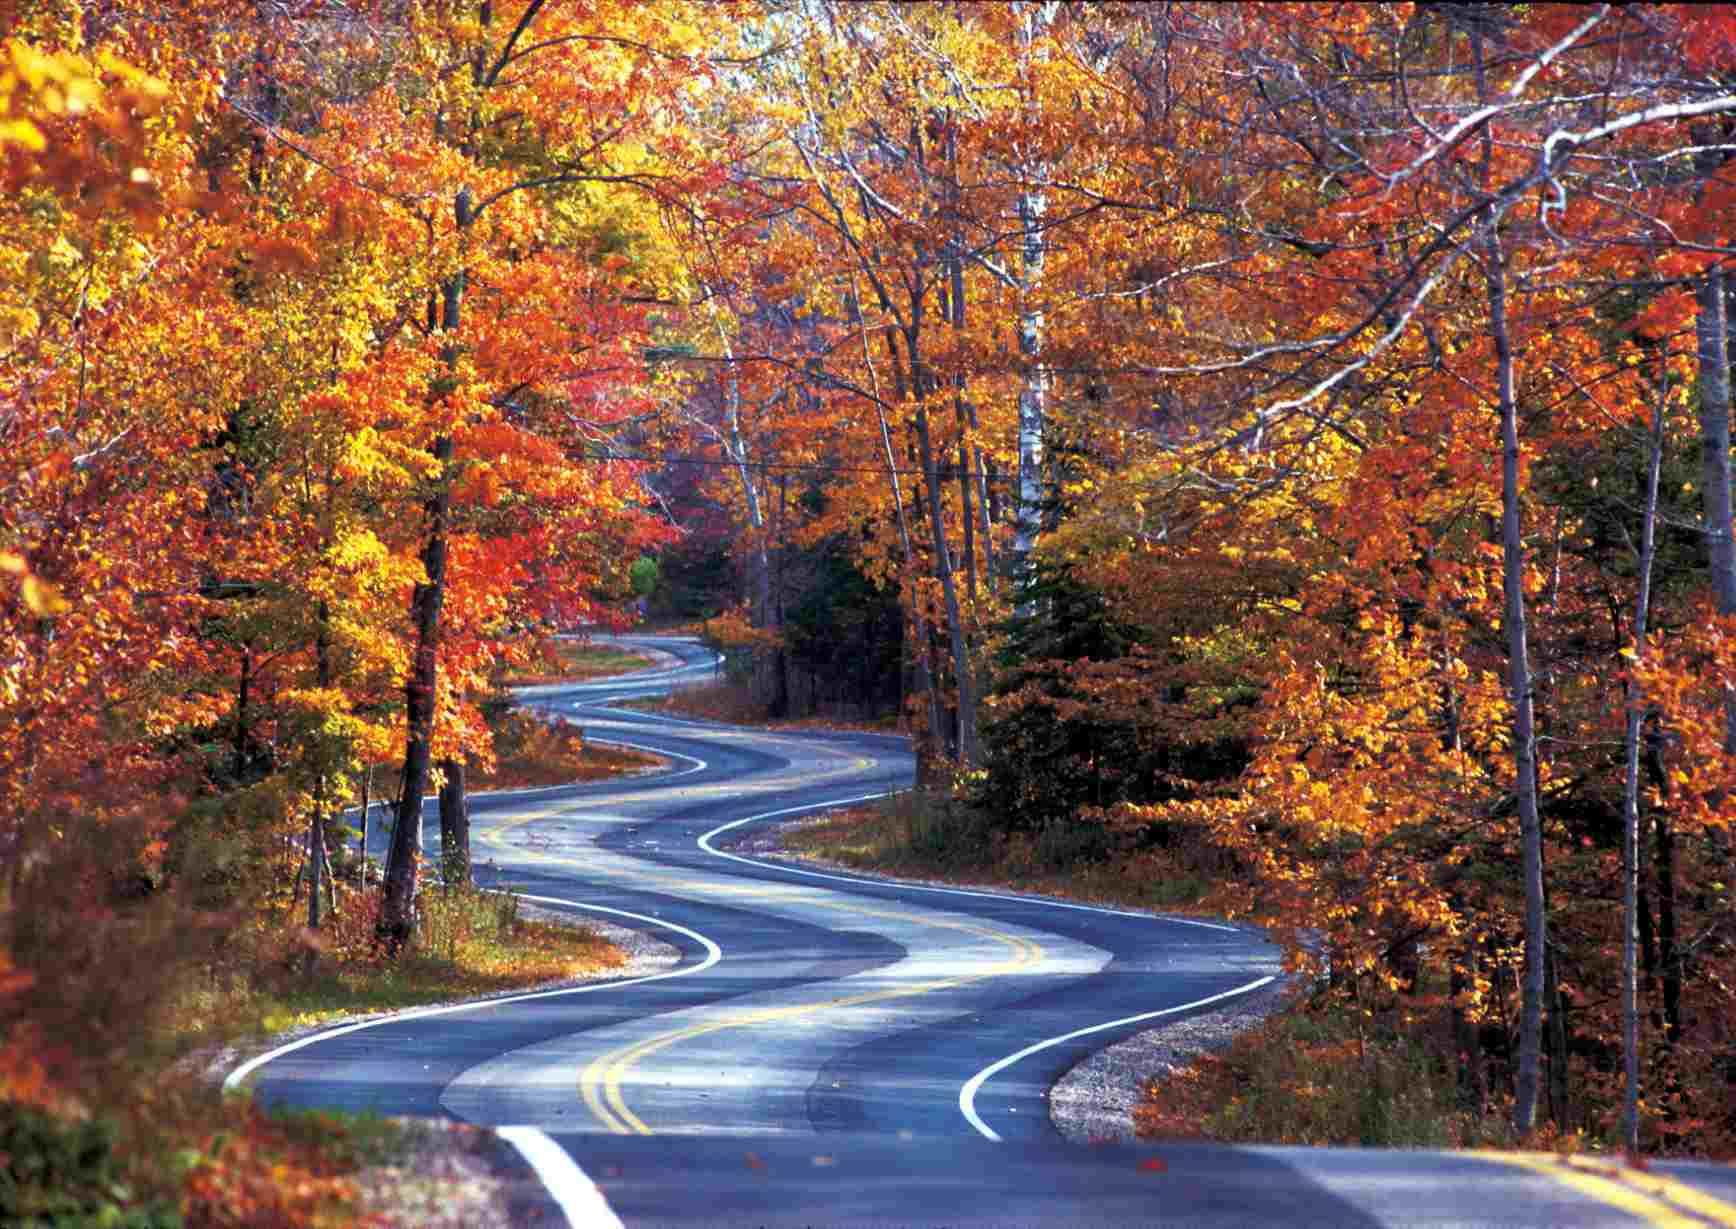 Dimana Cari Kebanyakan Jatuh Foliage Menakjubkan Wisconsin